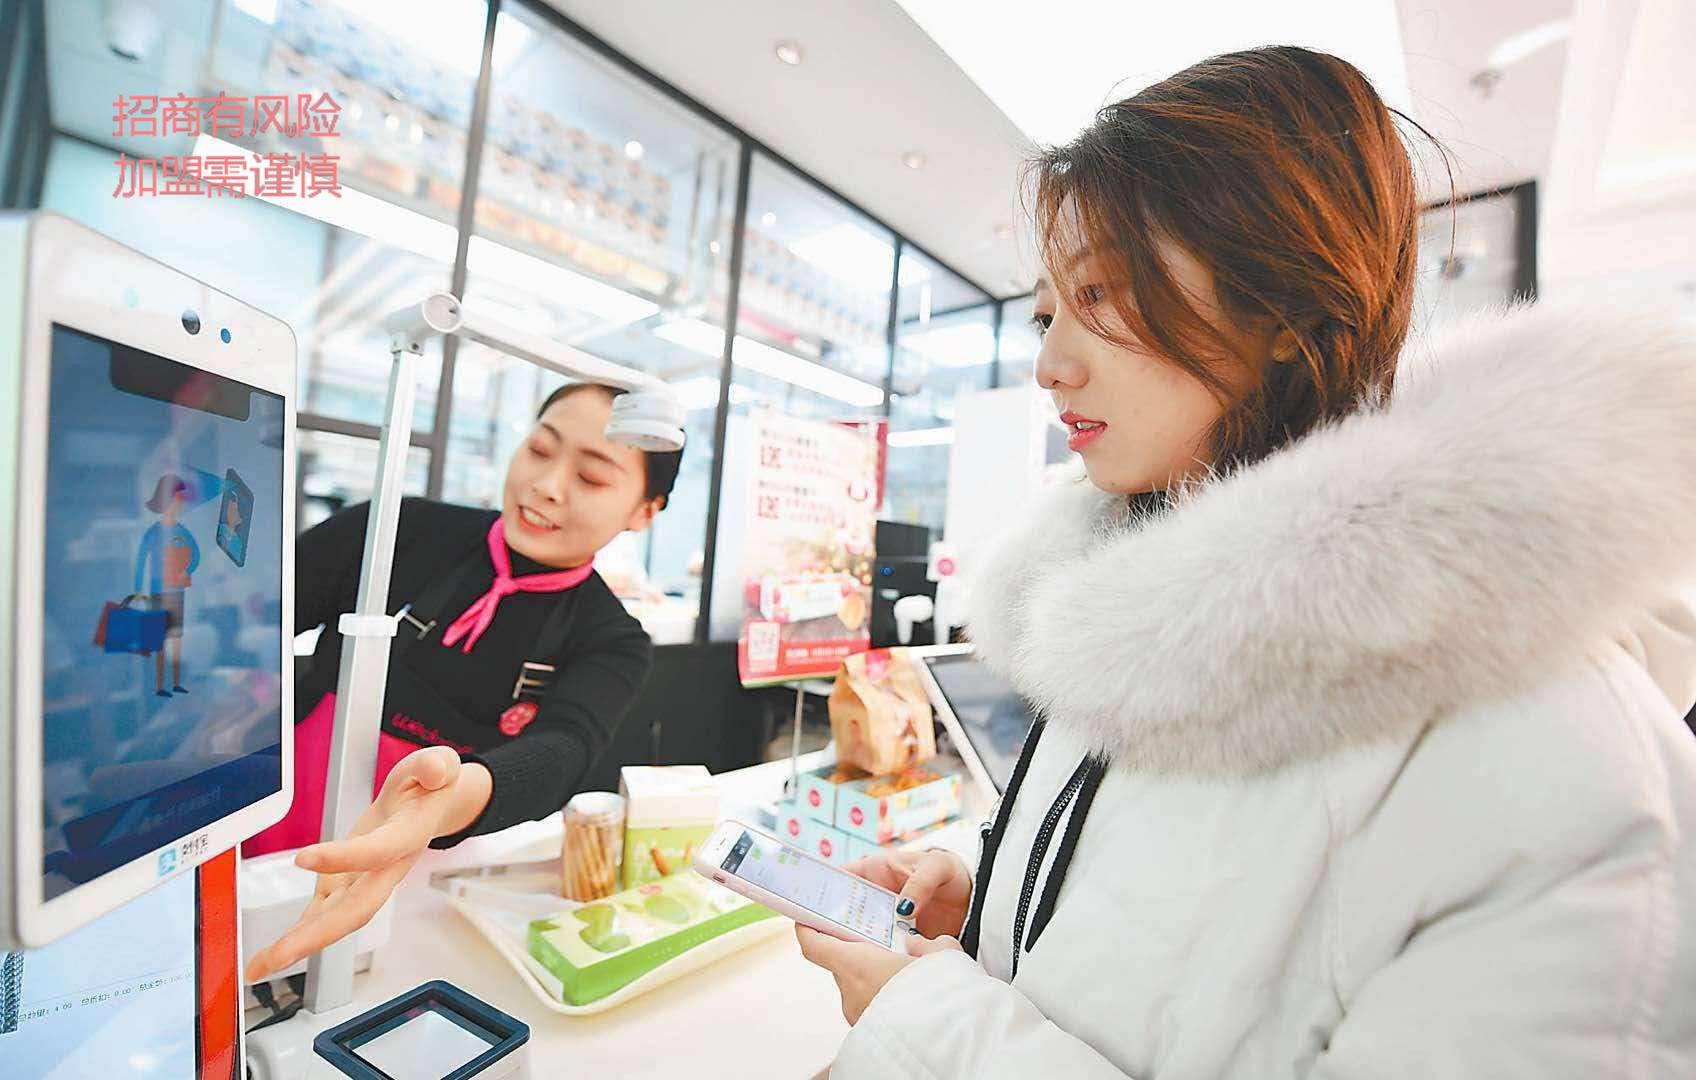 哈尔滨如何代理刷脸支付加盟,刷脸支付加盟